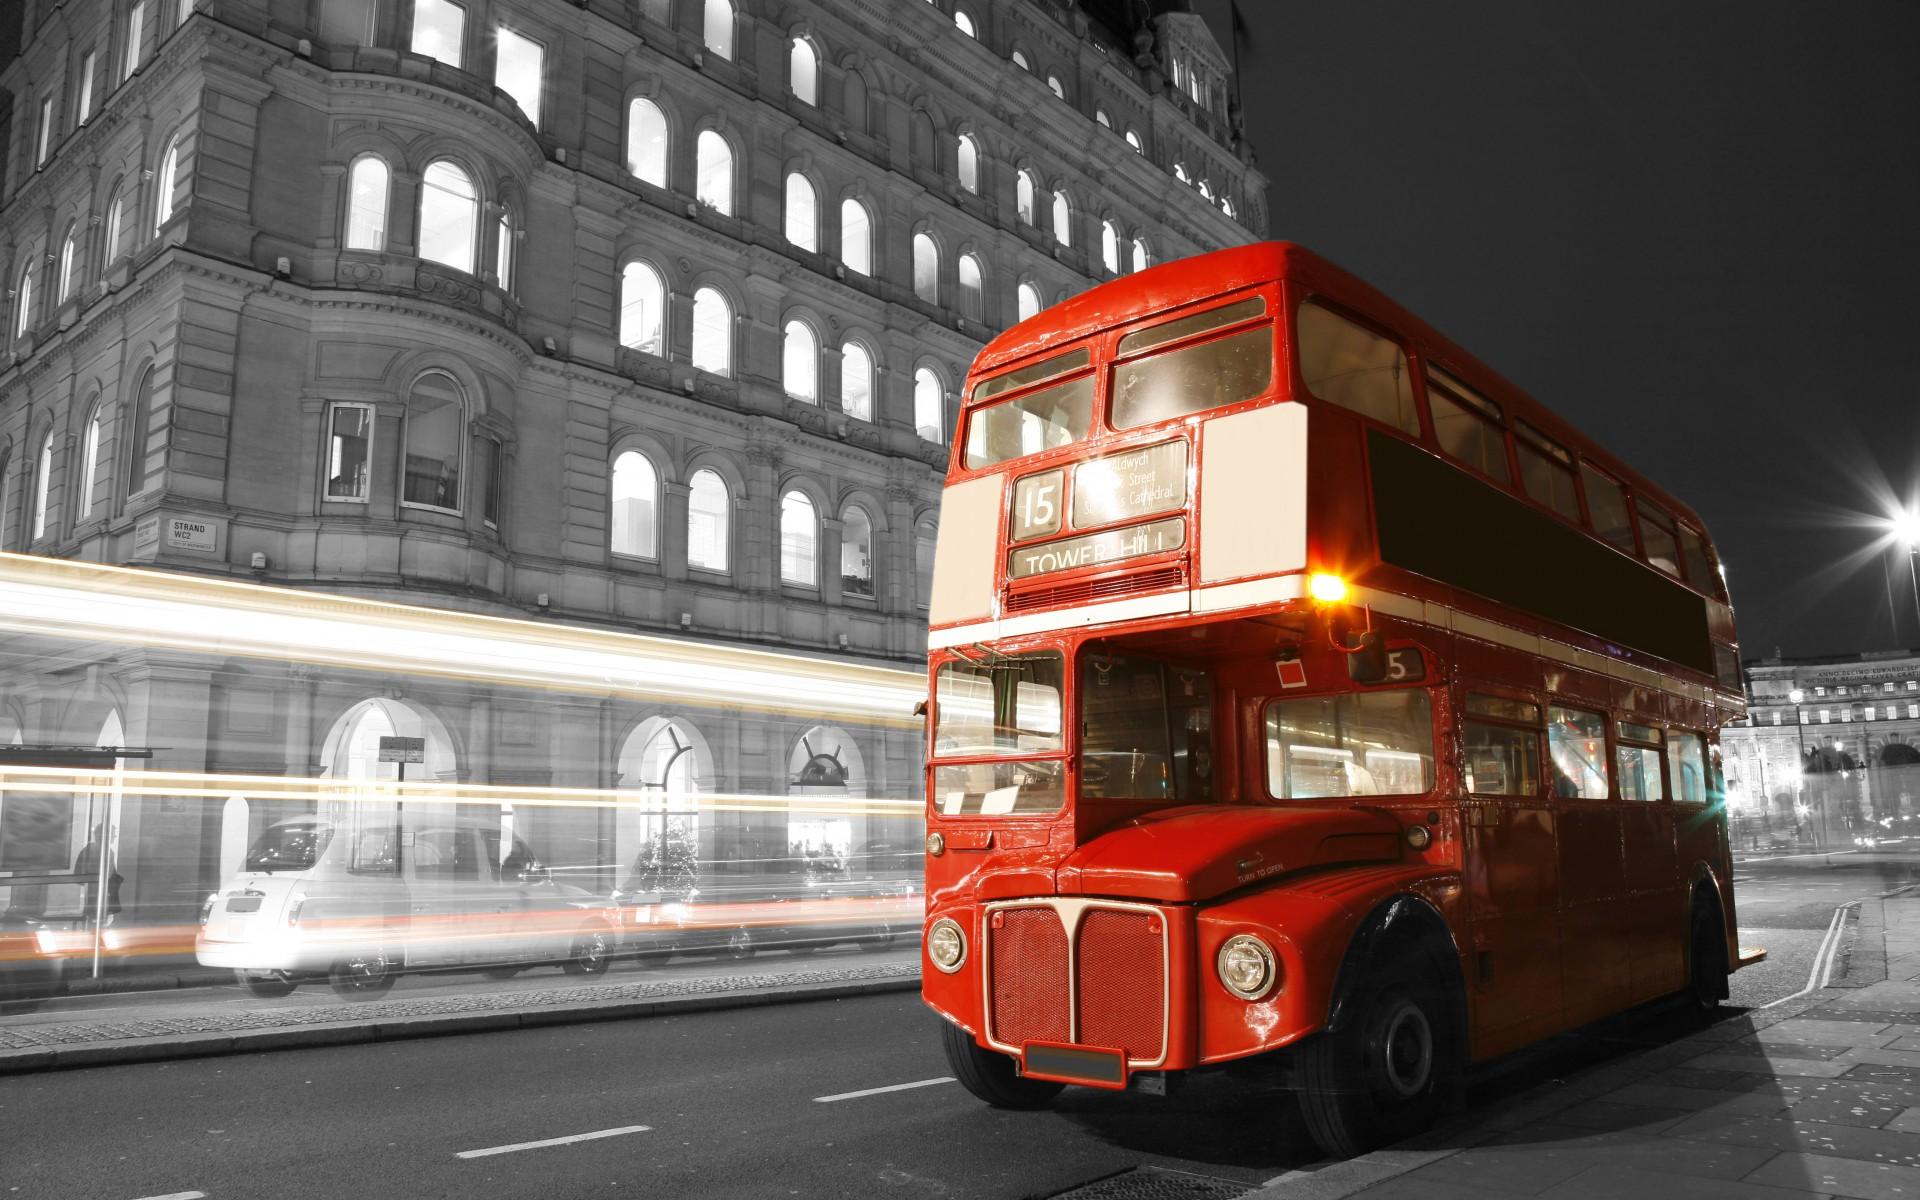 London Bus Wallpaper - WallpaperSafari